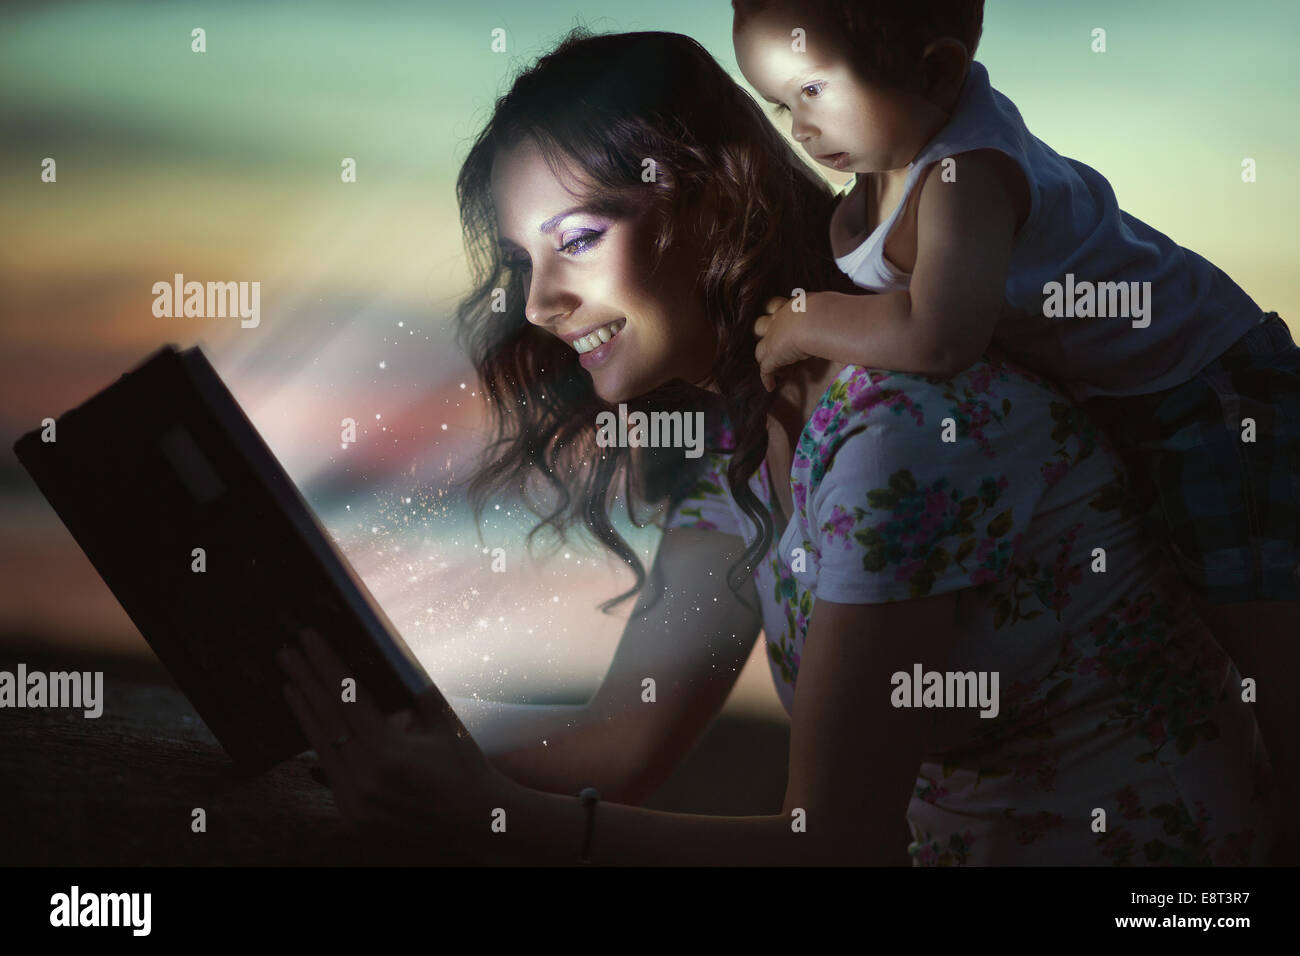 Lecture livre incroyable maman pour son bébé Photo Stock